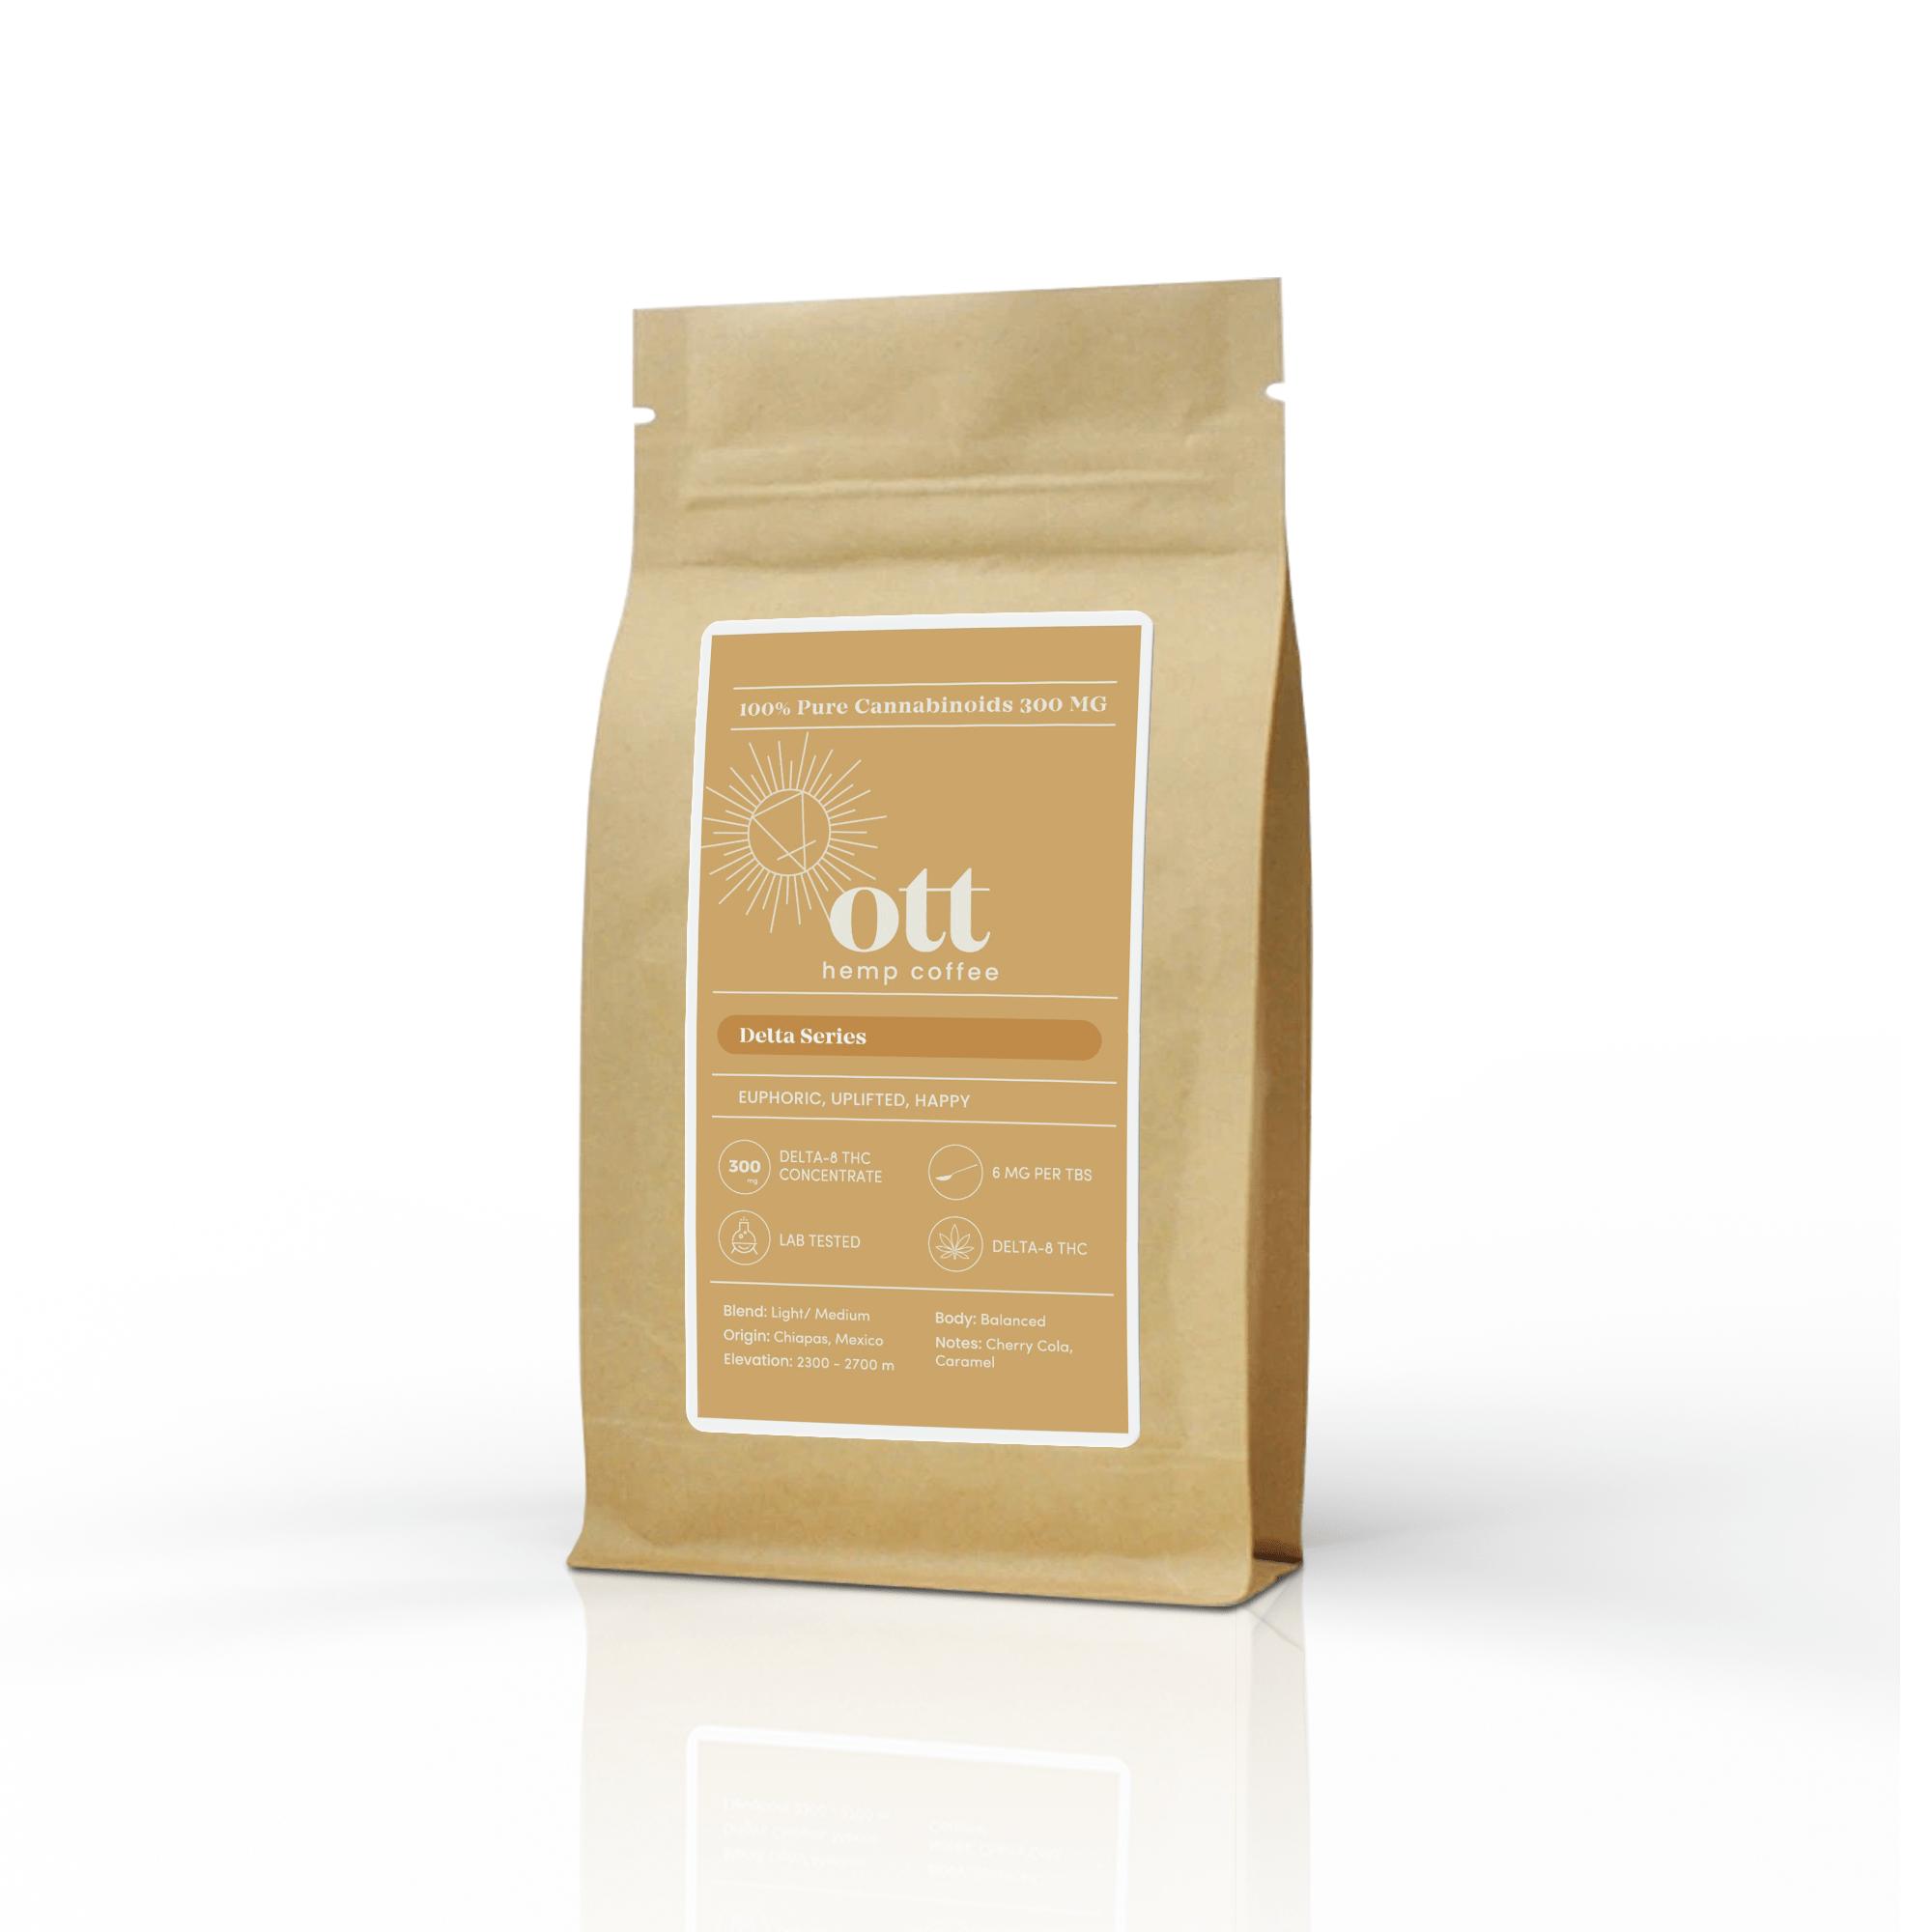 Delta8 coffee